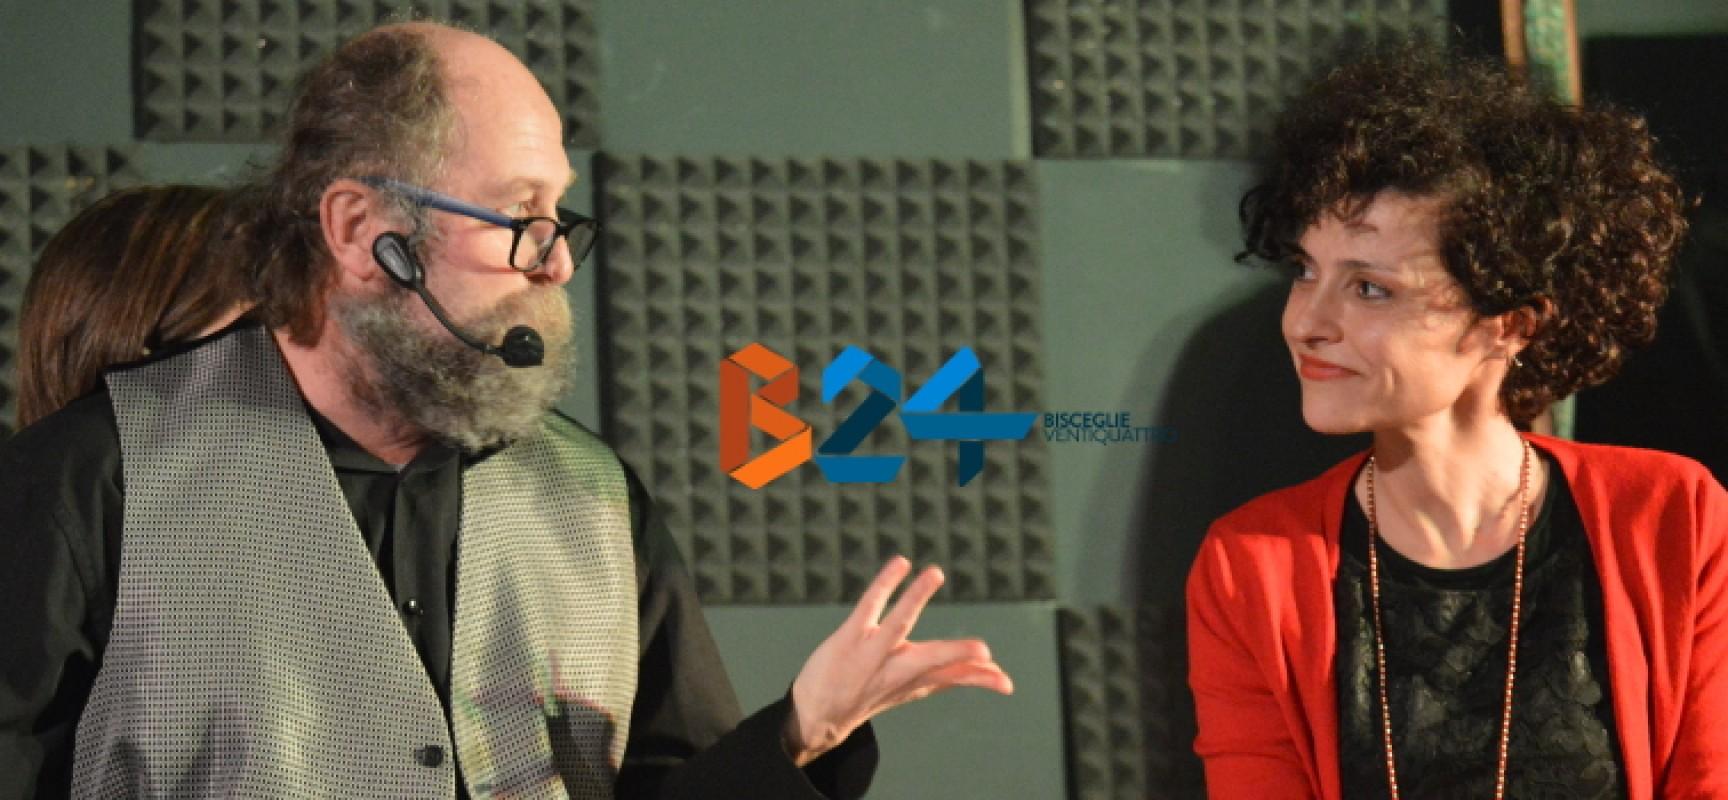 """Open Source, improvvisazione teatrale e racconti di vita per """"Banchi di nebbia"""" di Malusa Kosgran / FOTO"""